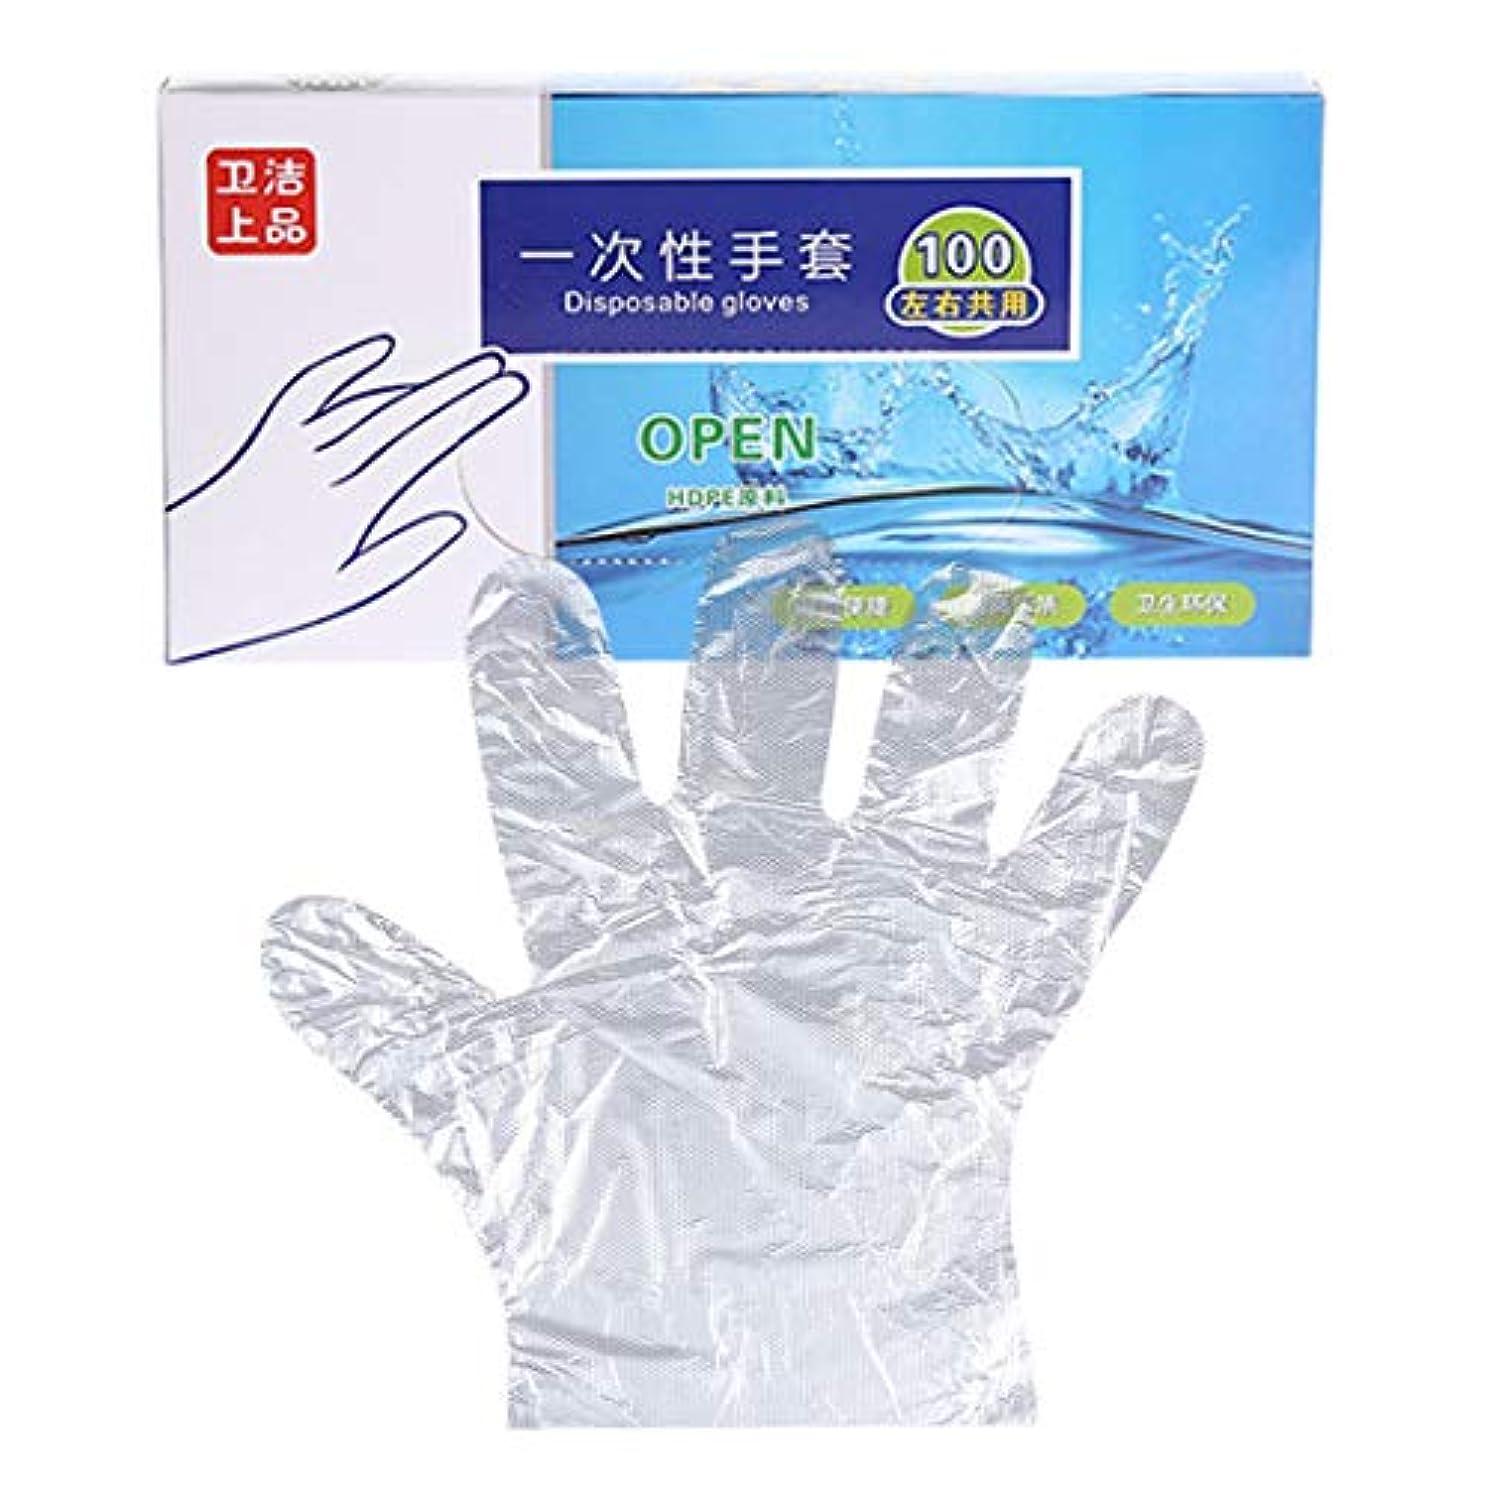 防ぐ小麦粉ピボットPinji 使い捨て手袋 100本入 透明 フリーサイズ グローブ ポリエチレン手袋 左右兼用 ポリエチレン PE 実用 衛生 調理 清掃 染髪